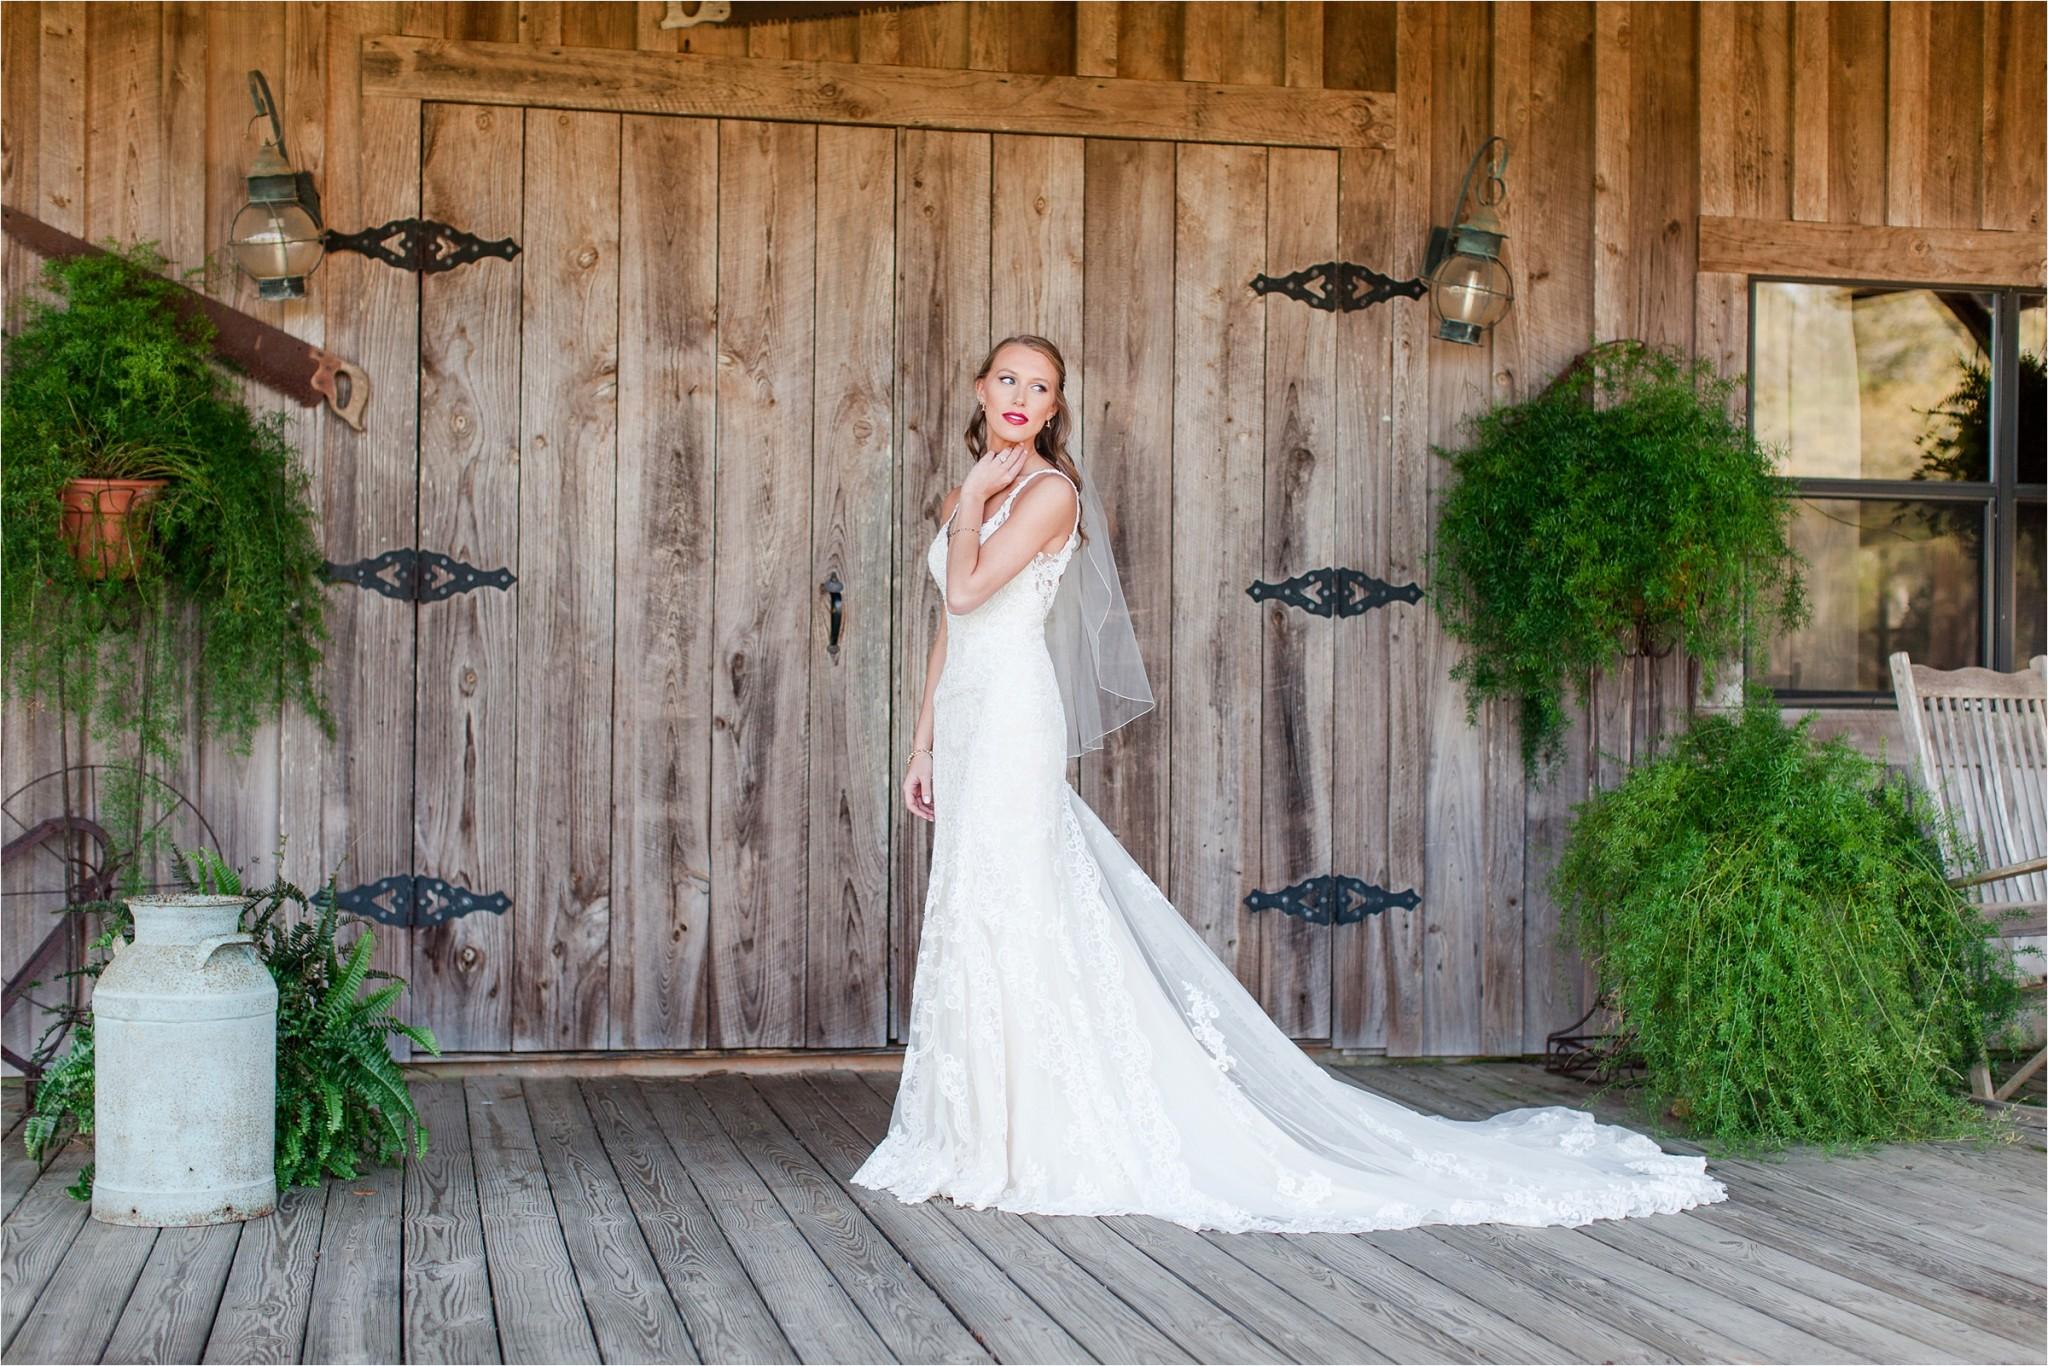 Lewis_Oak_Hollow_Wedding_Fairhope_AL_0050